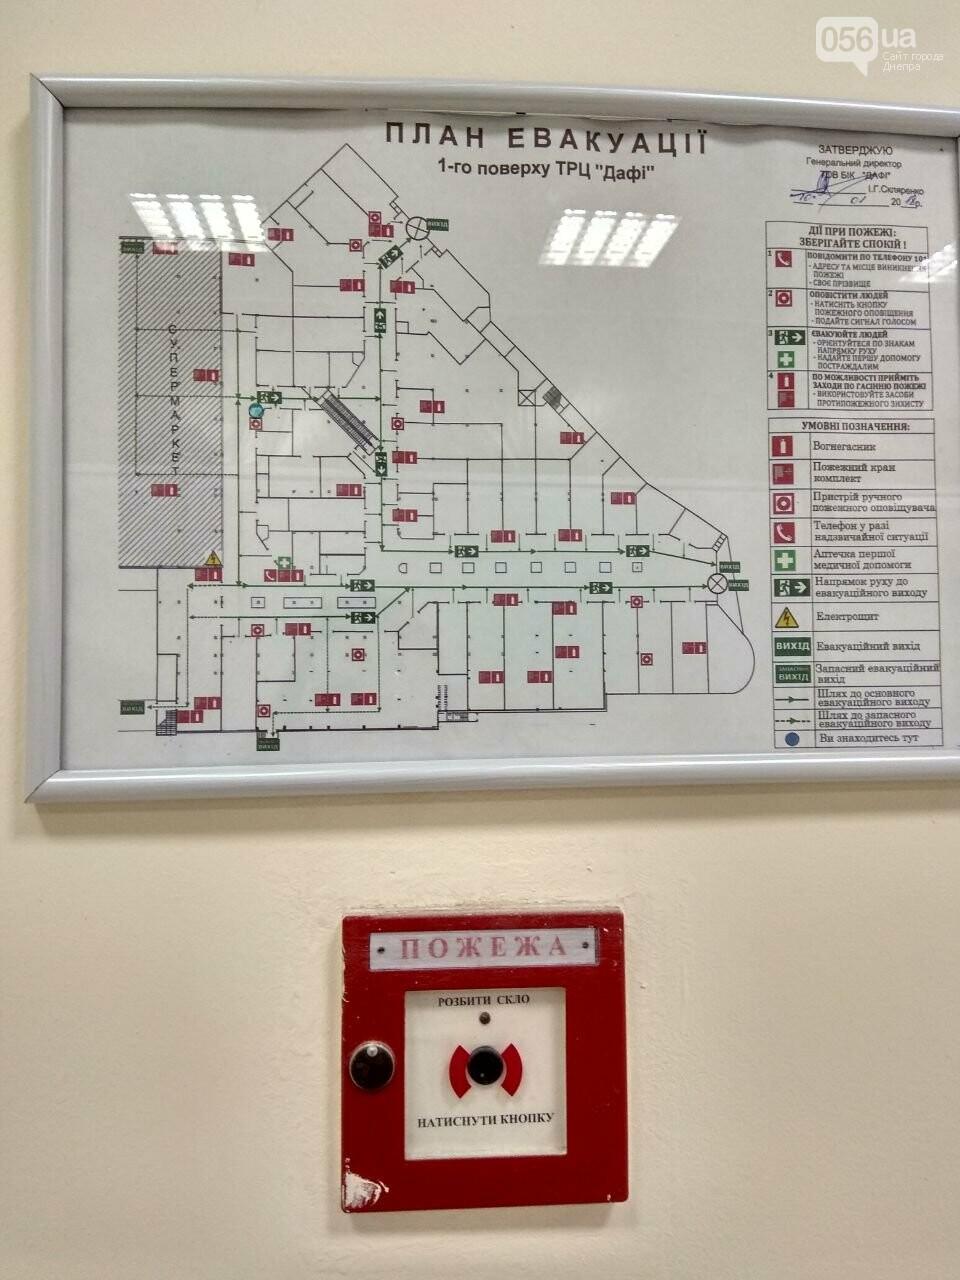 """Пройти путём эвакуации: как в ТРЦ """"Дафи"""" и """"Passage"""" соблюдают пожарную безопасность (ФОТО), фото-4"""